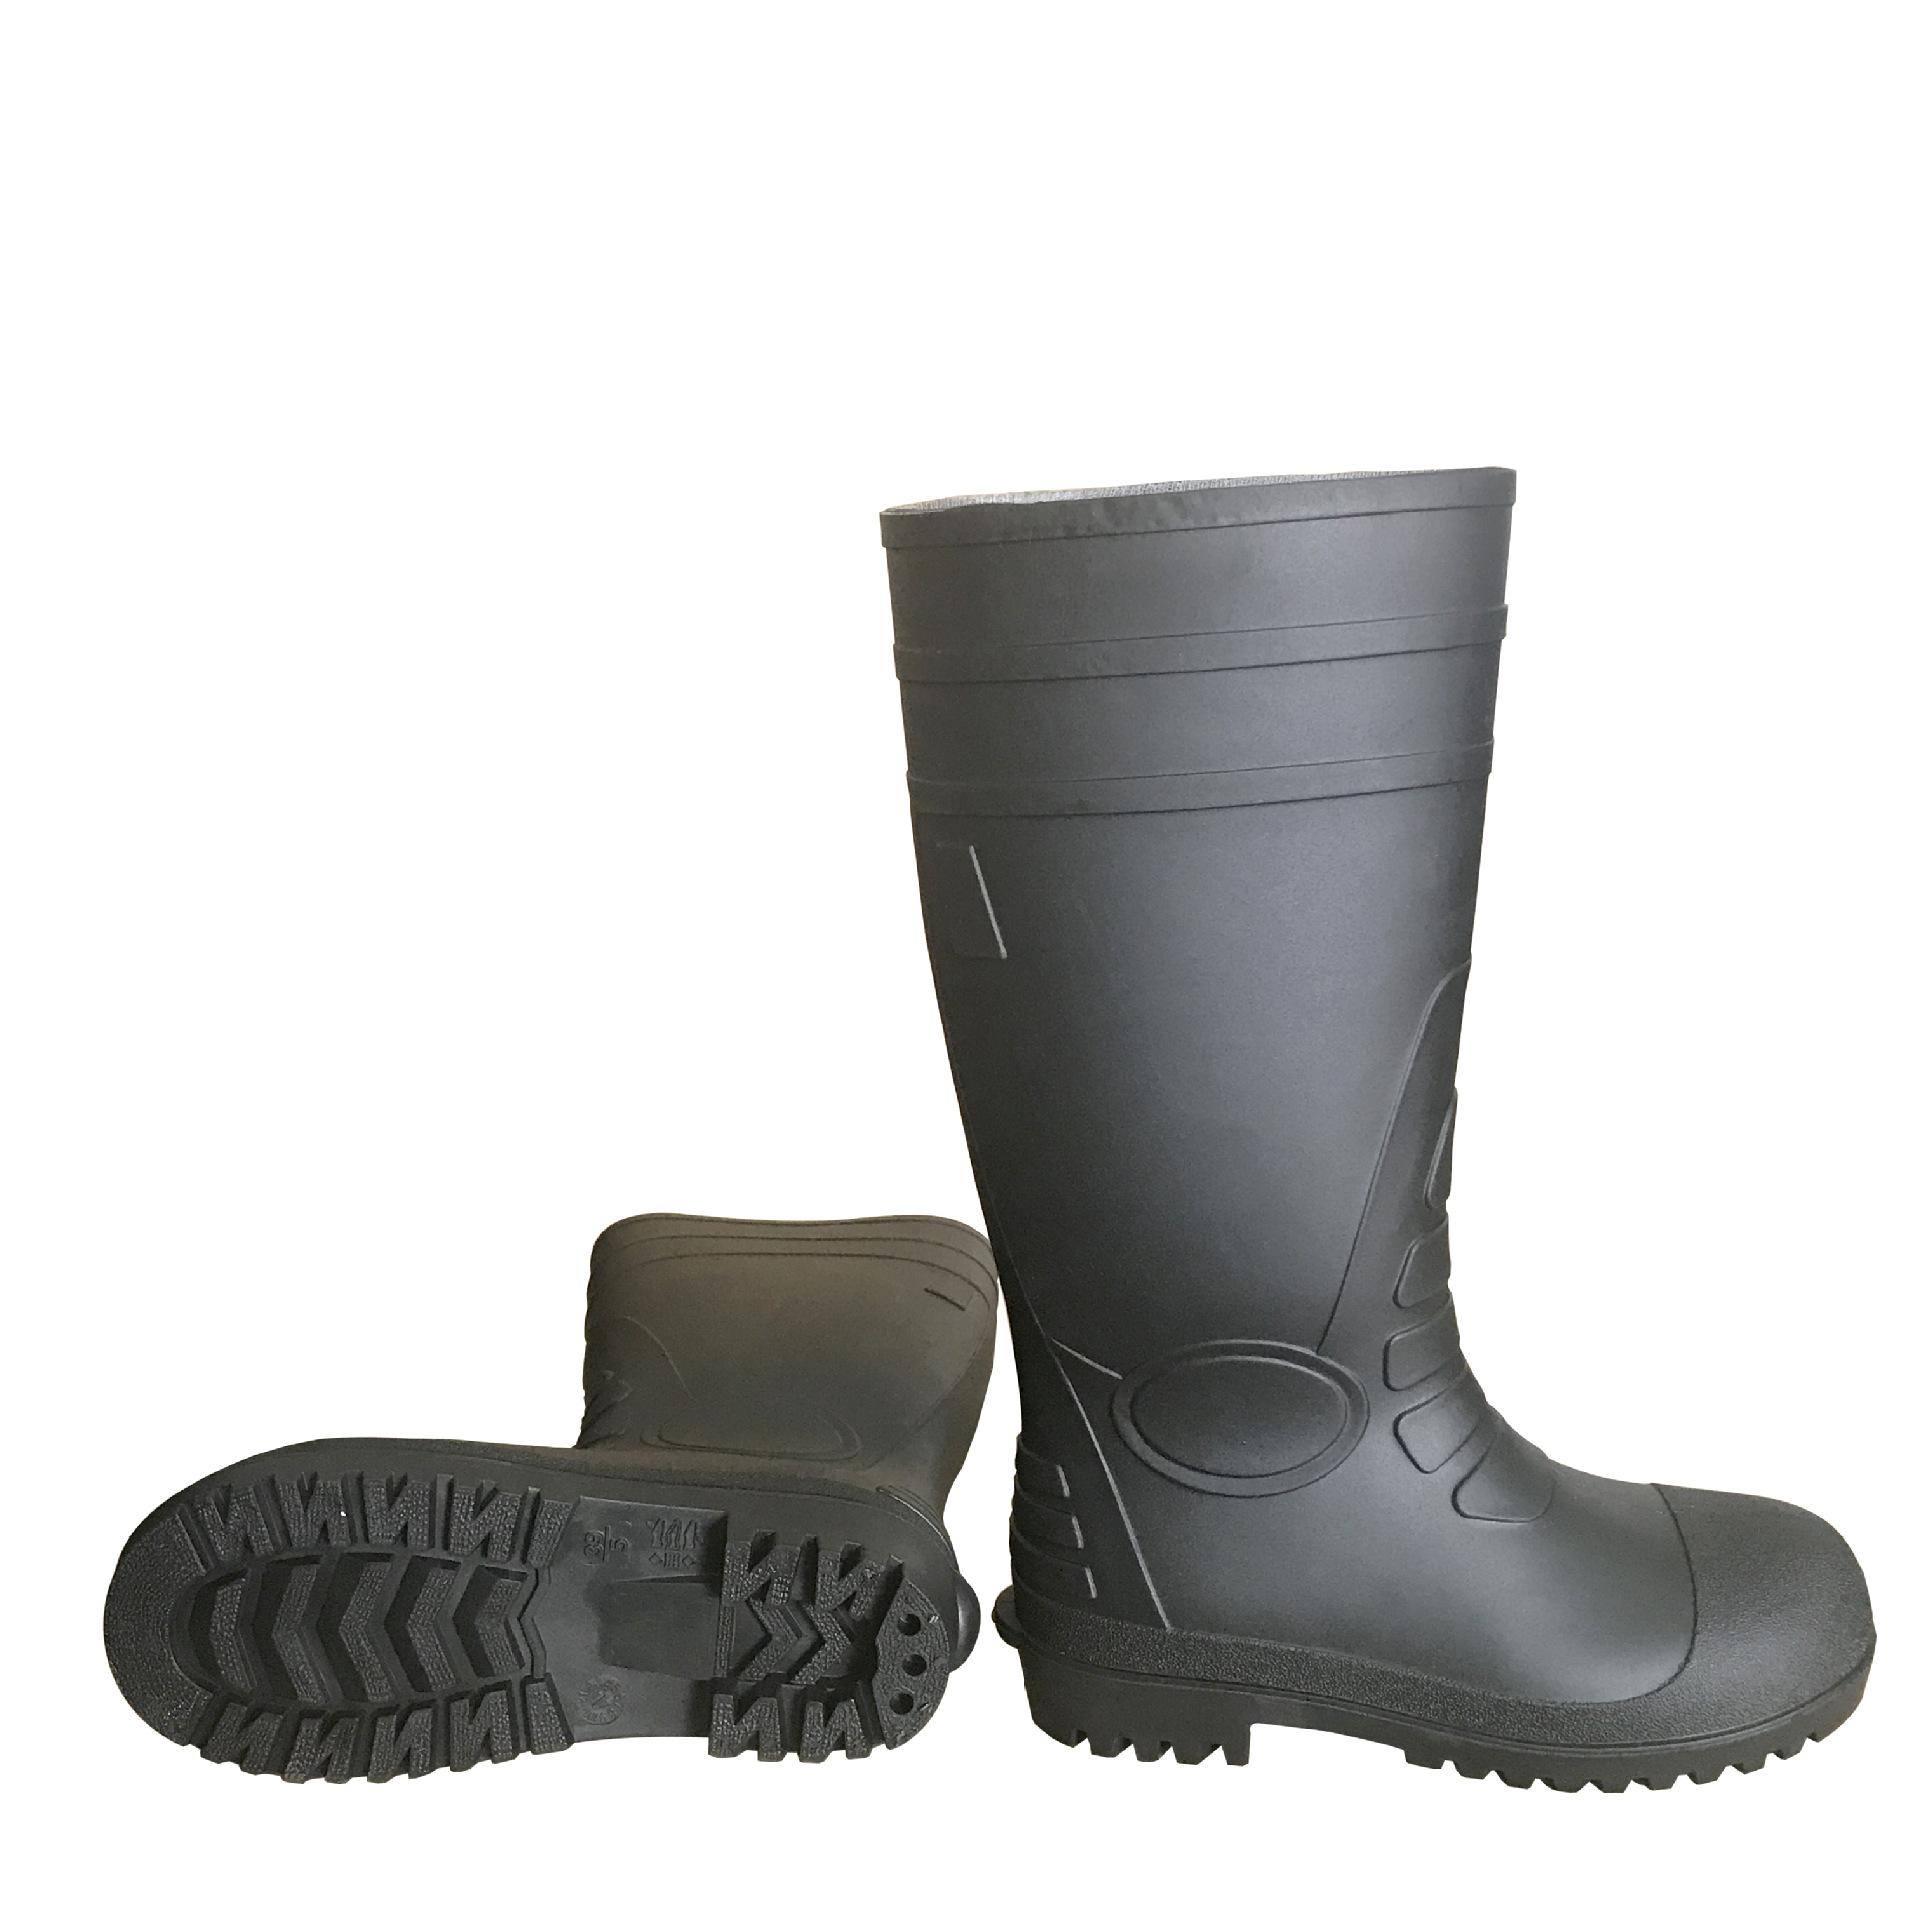 供应耐酸碱雨鞋 带钢头 钢底防砸防刺穿防水防滑耐油耐酸碱